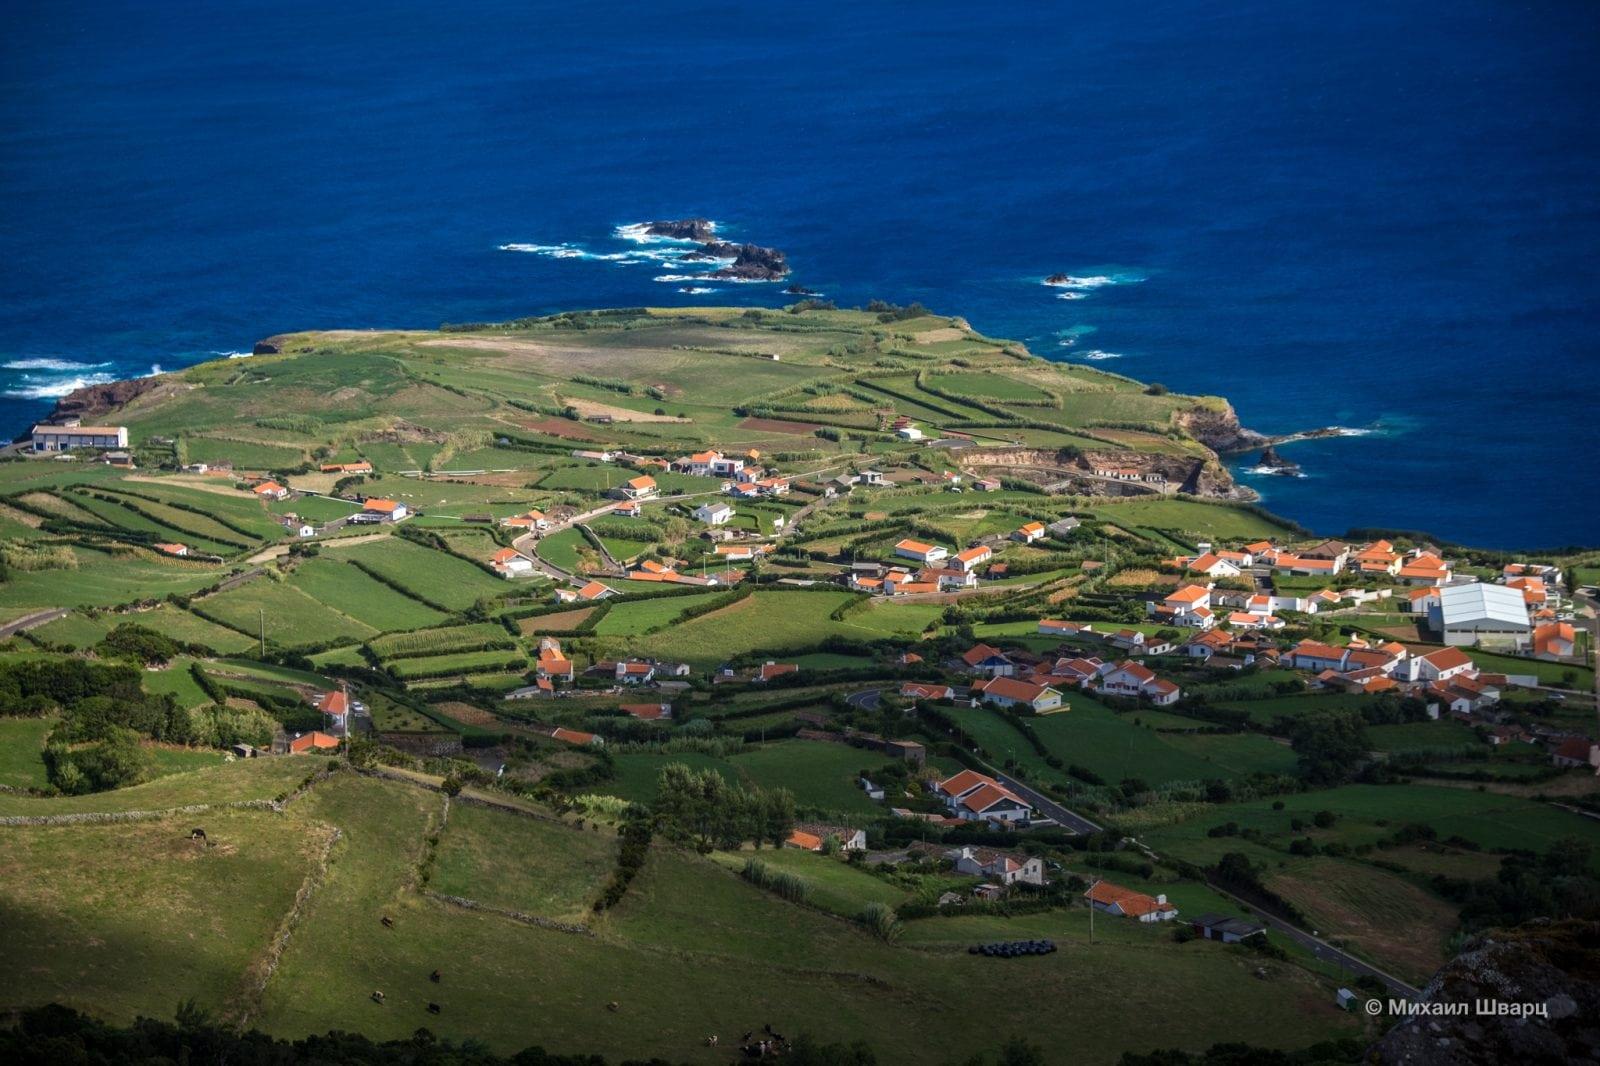 Понта-Делгада (Ponta Delgada)